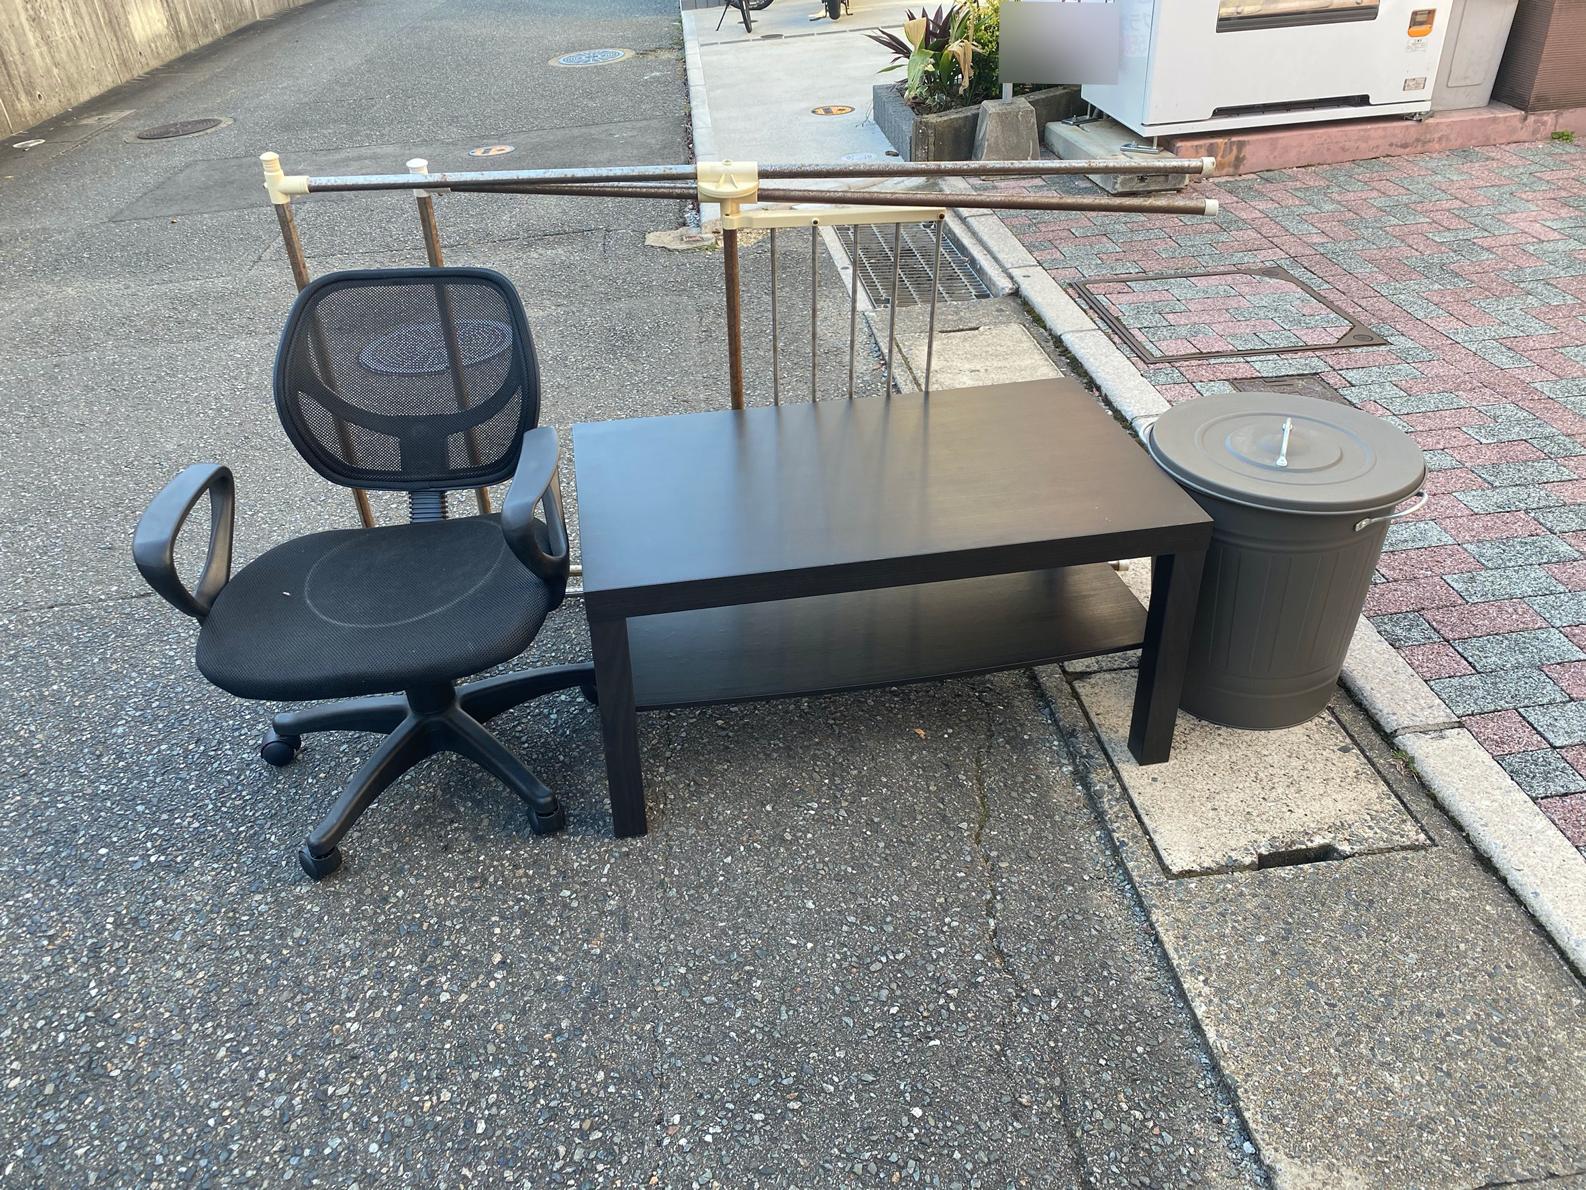 事務椅子、テーブル、その他不用品の回収前